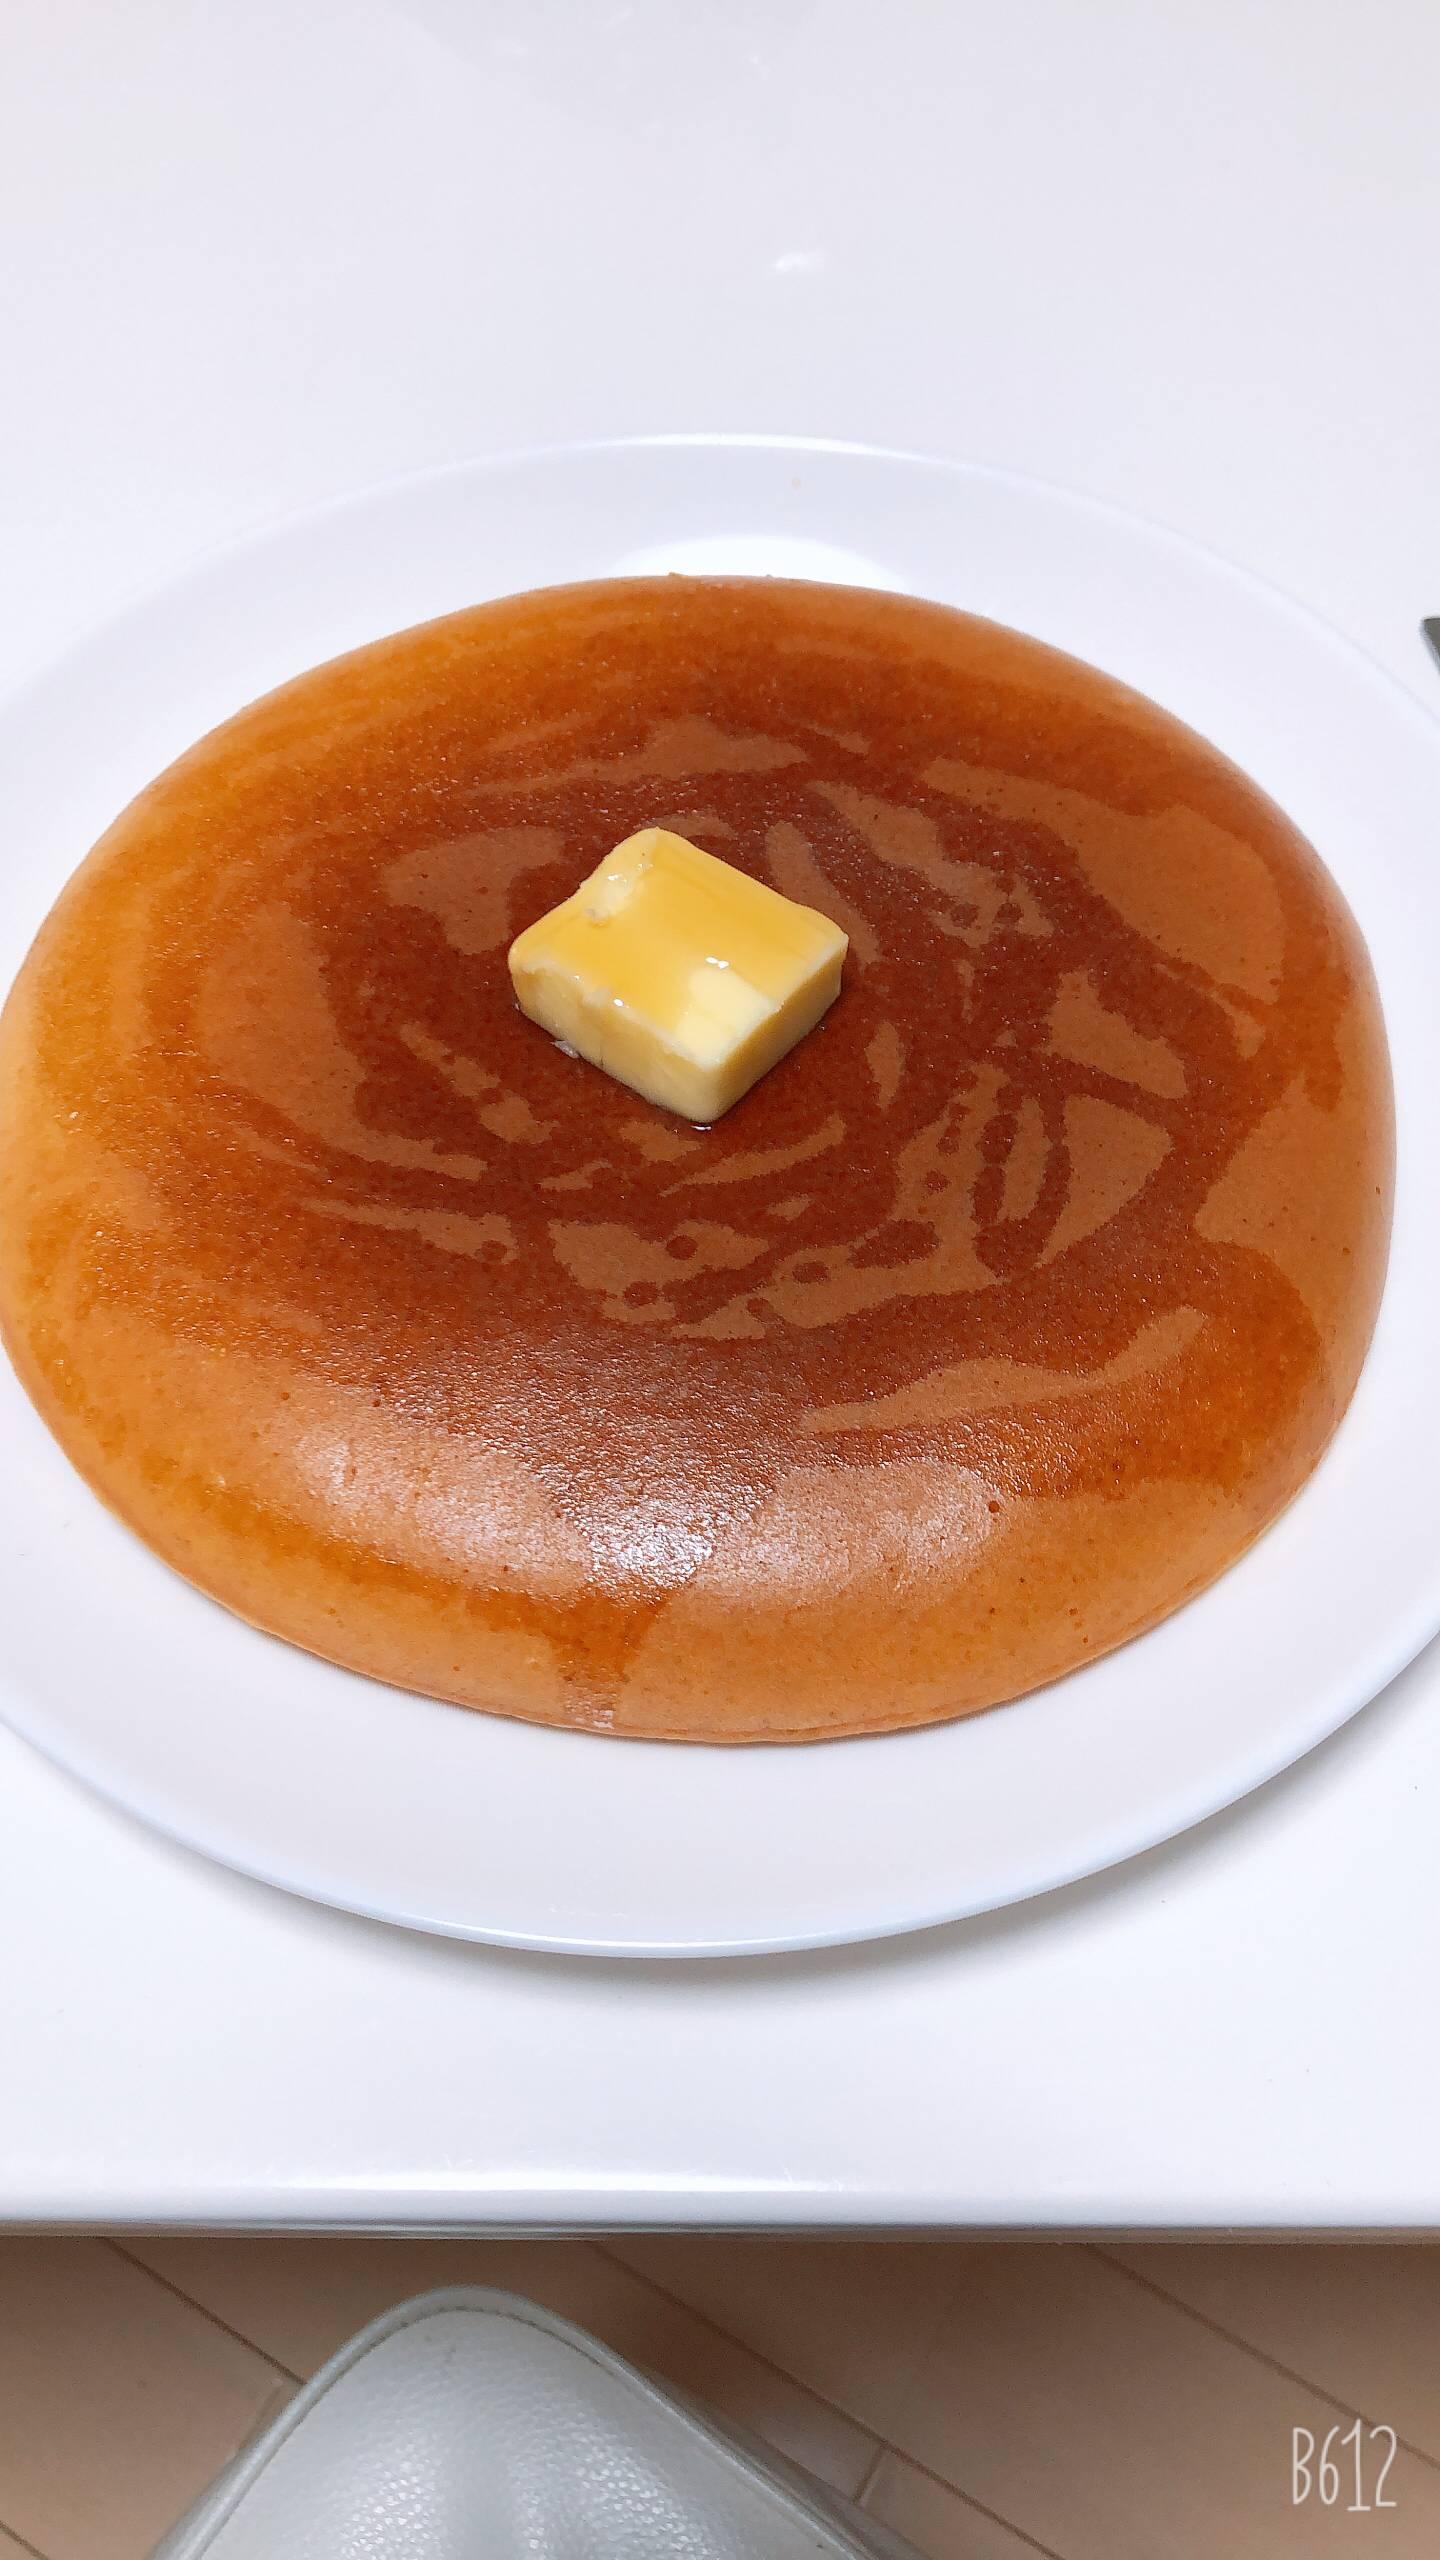 【画像】ホットケーキ作ったから見て